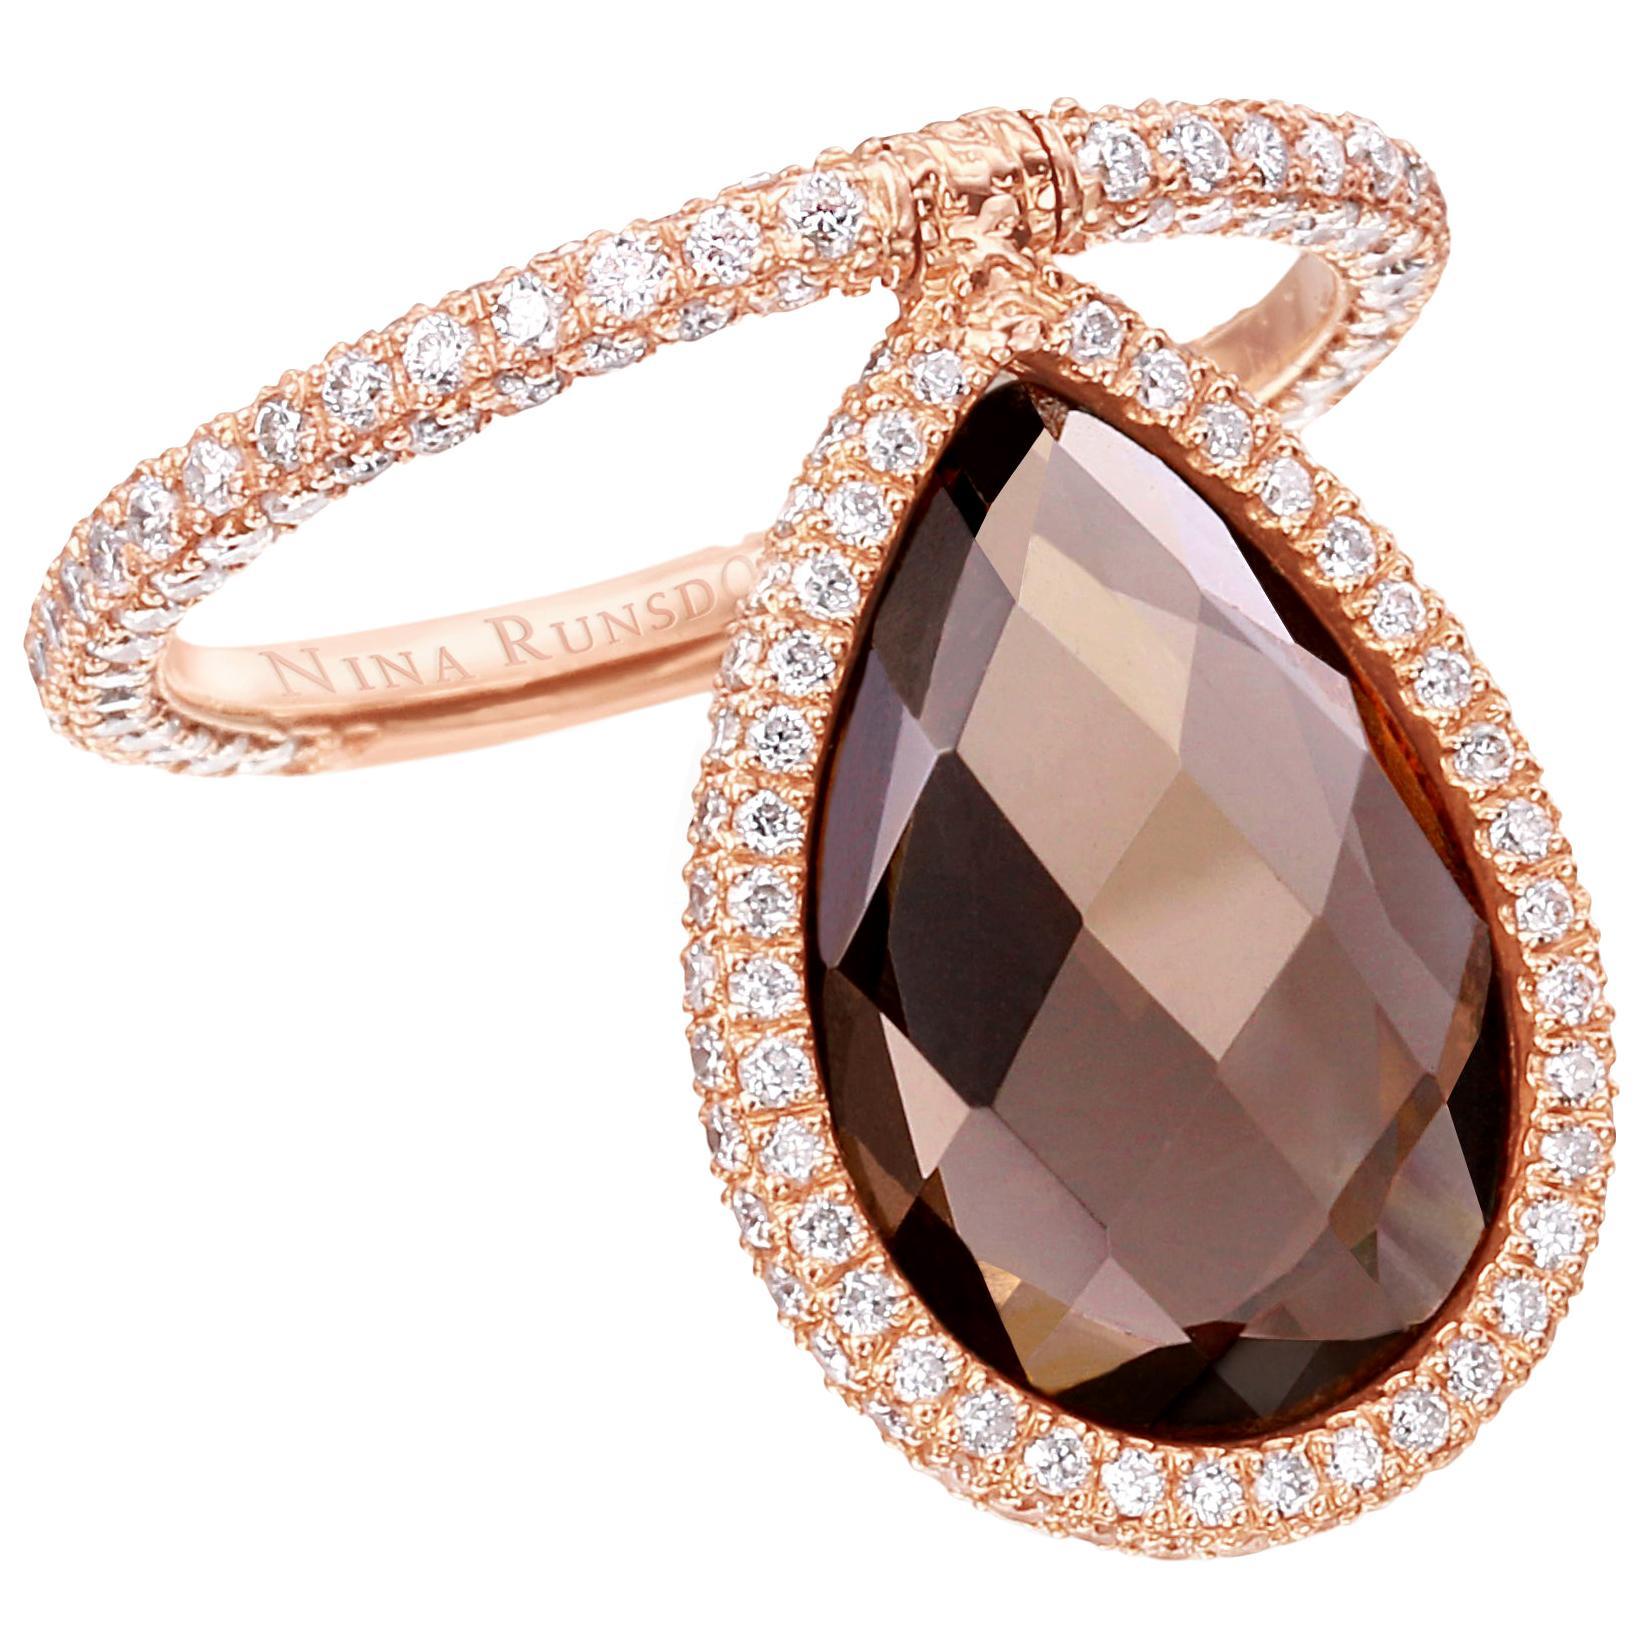 Nina Runsdorf Rose Gold Smokey Topaz Flip Ring